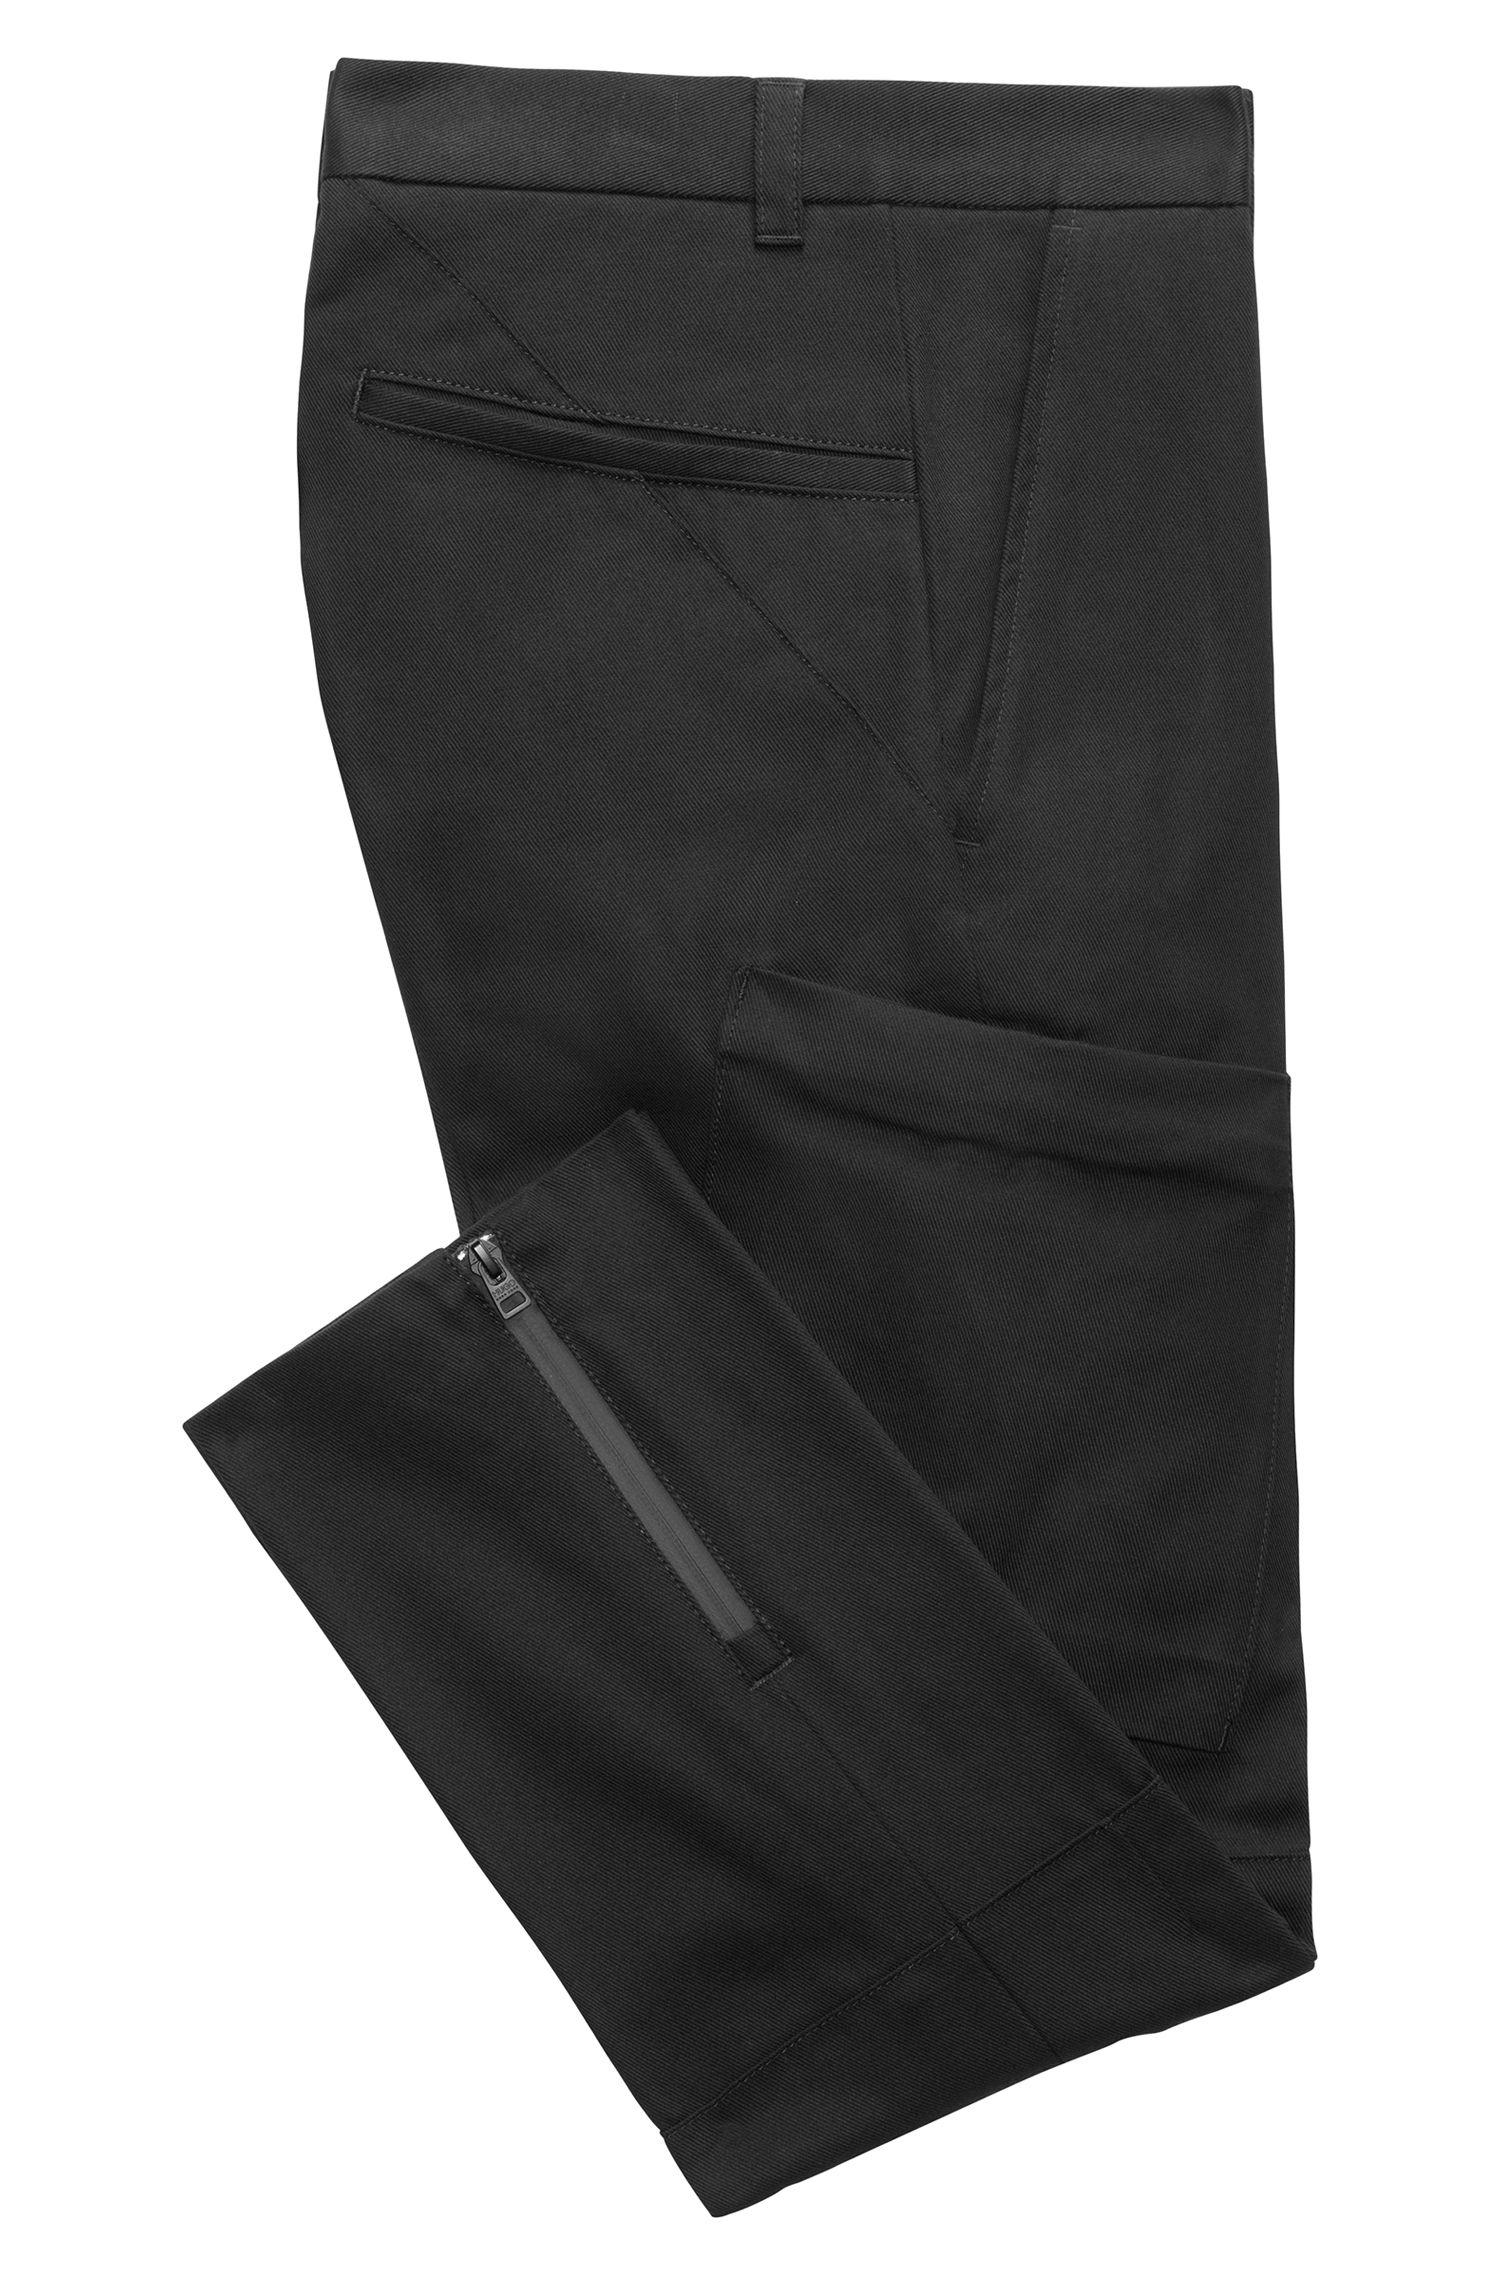 Slim-Fit Cargohose aus Baumwolle mit Zipper am Beinabschluss